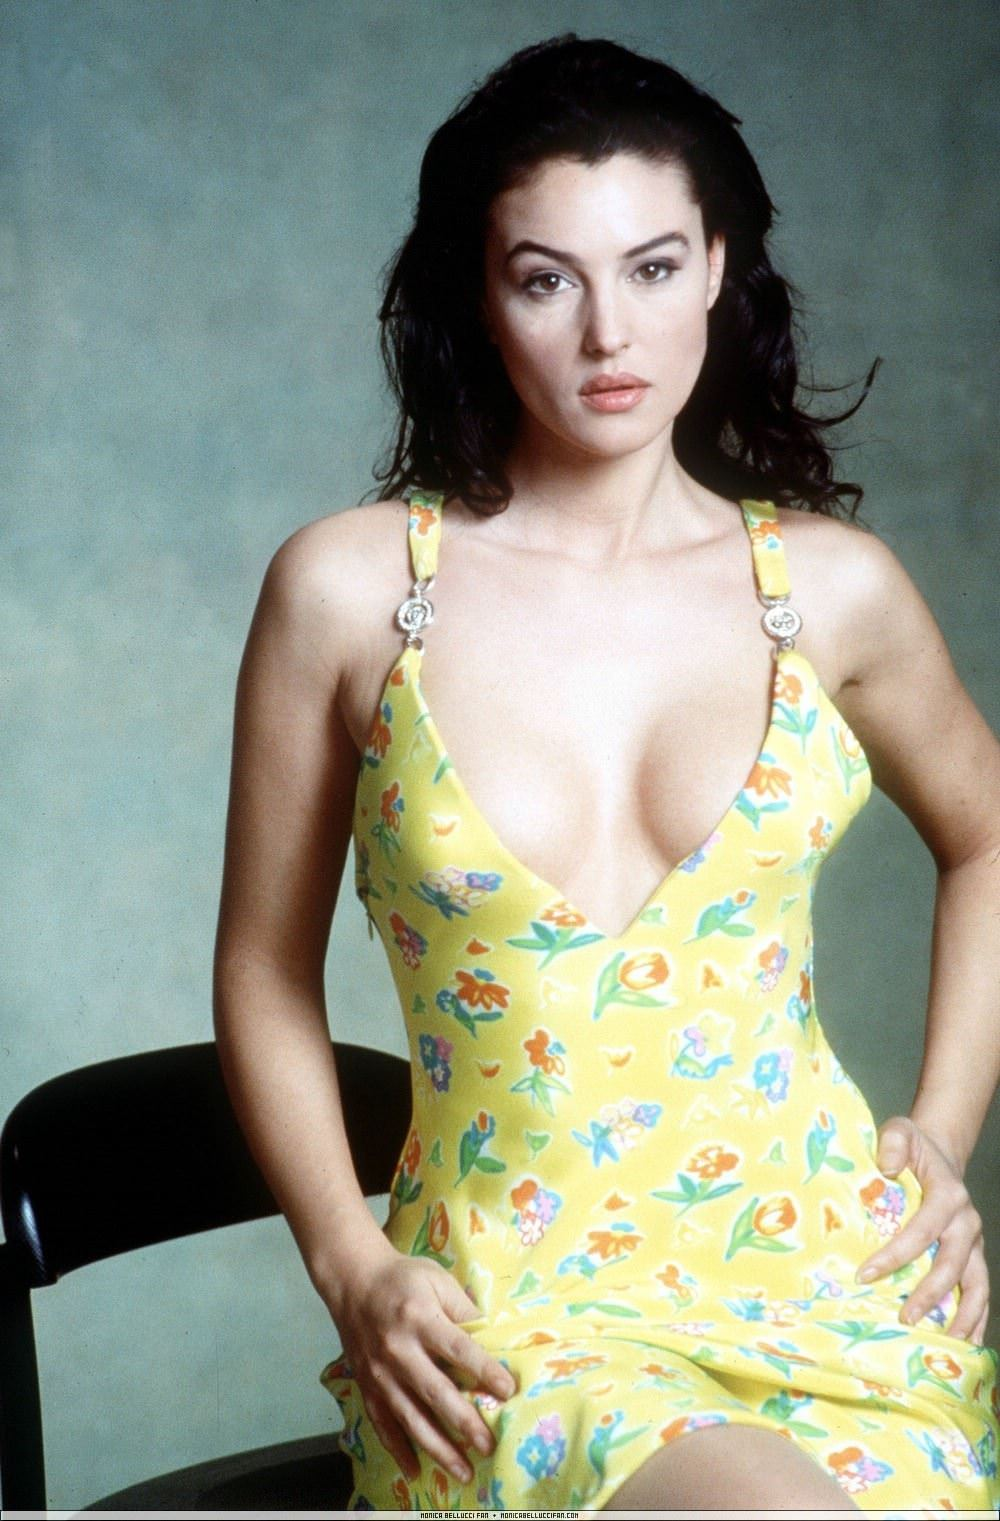 【外人】イタリア人女優モニカ・ベルッチ(Monica Bellucci)の大胆おっぱい露出ポルノ画像 2921